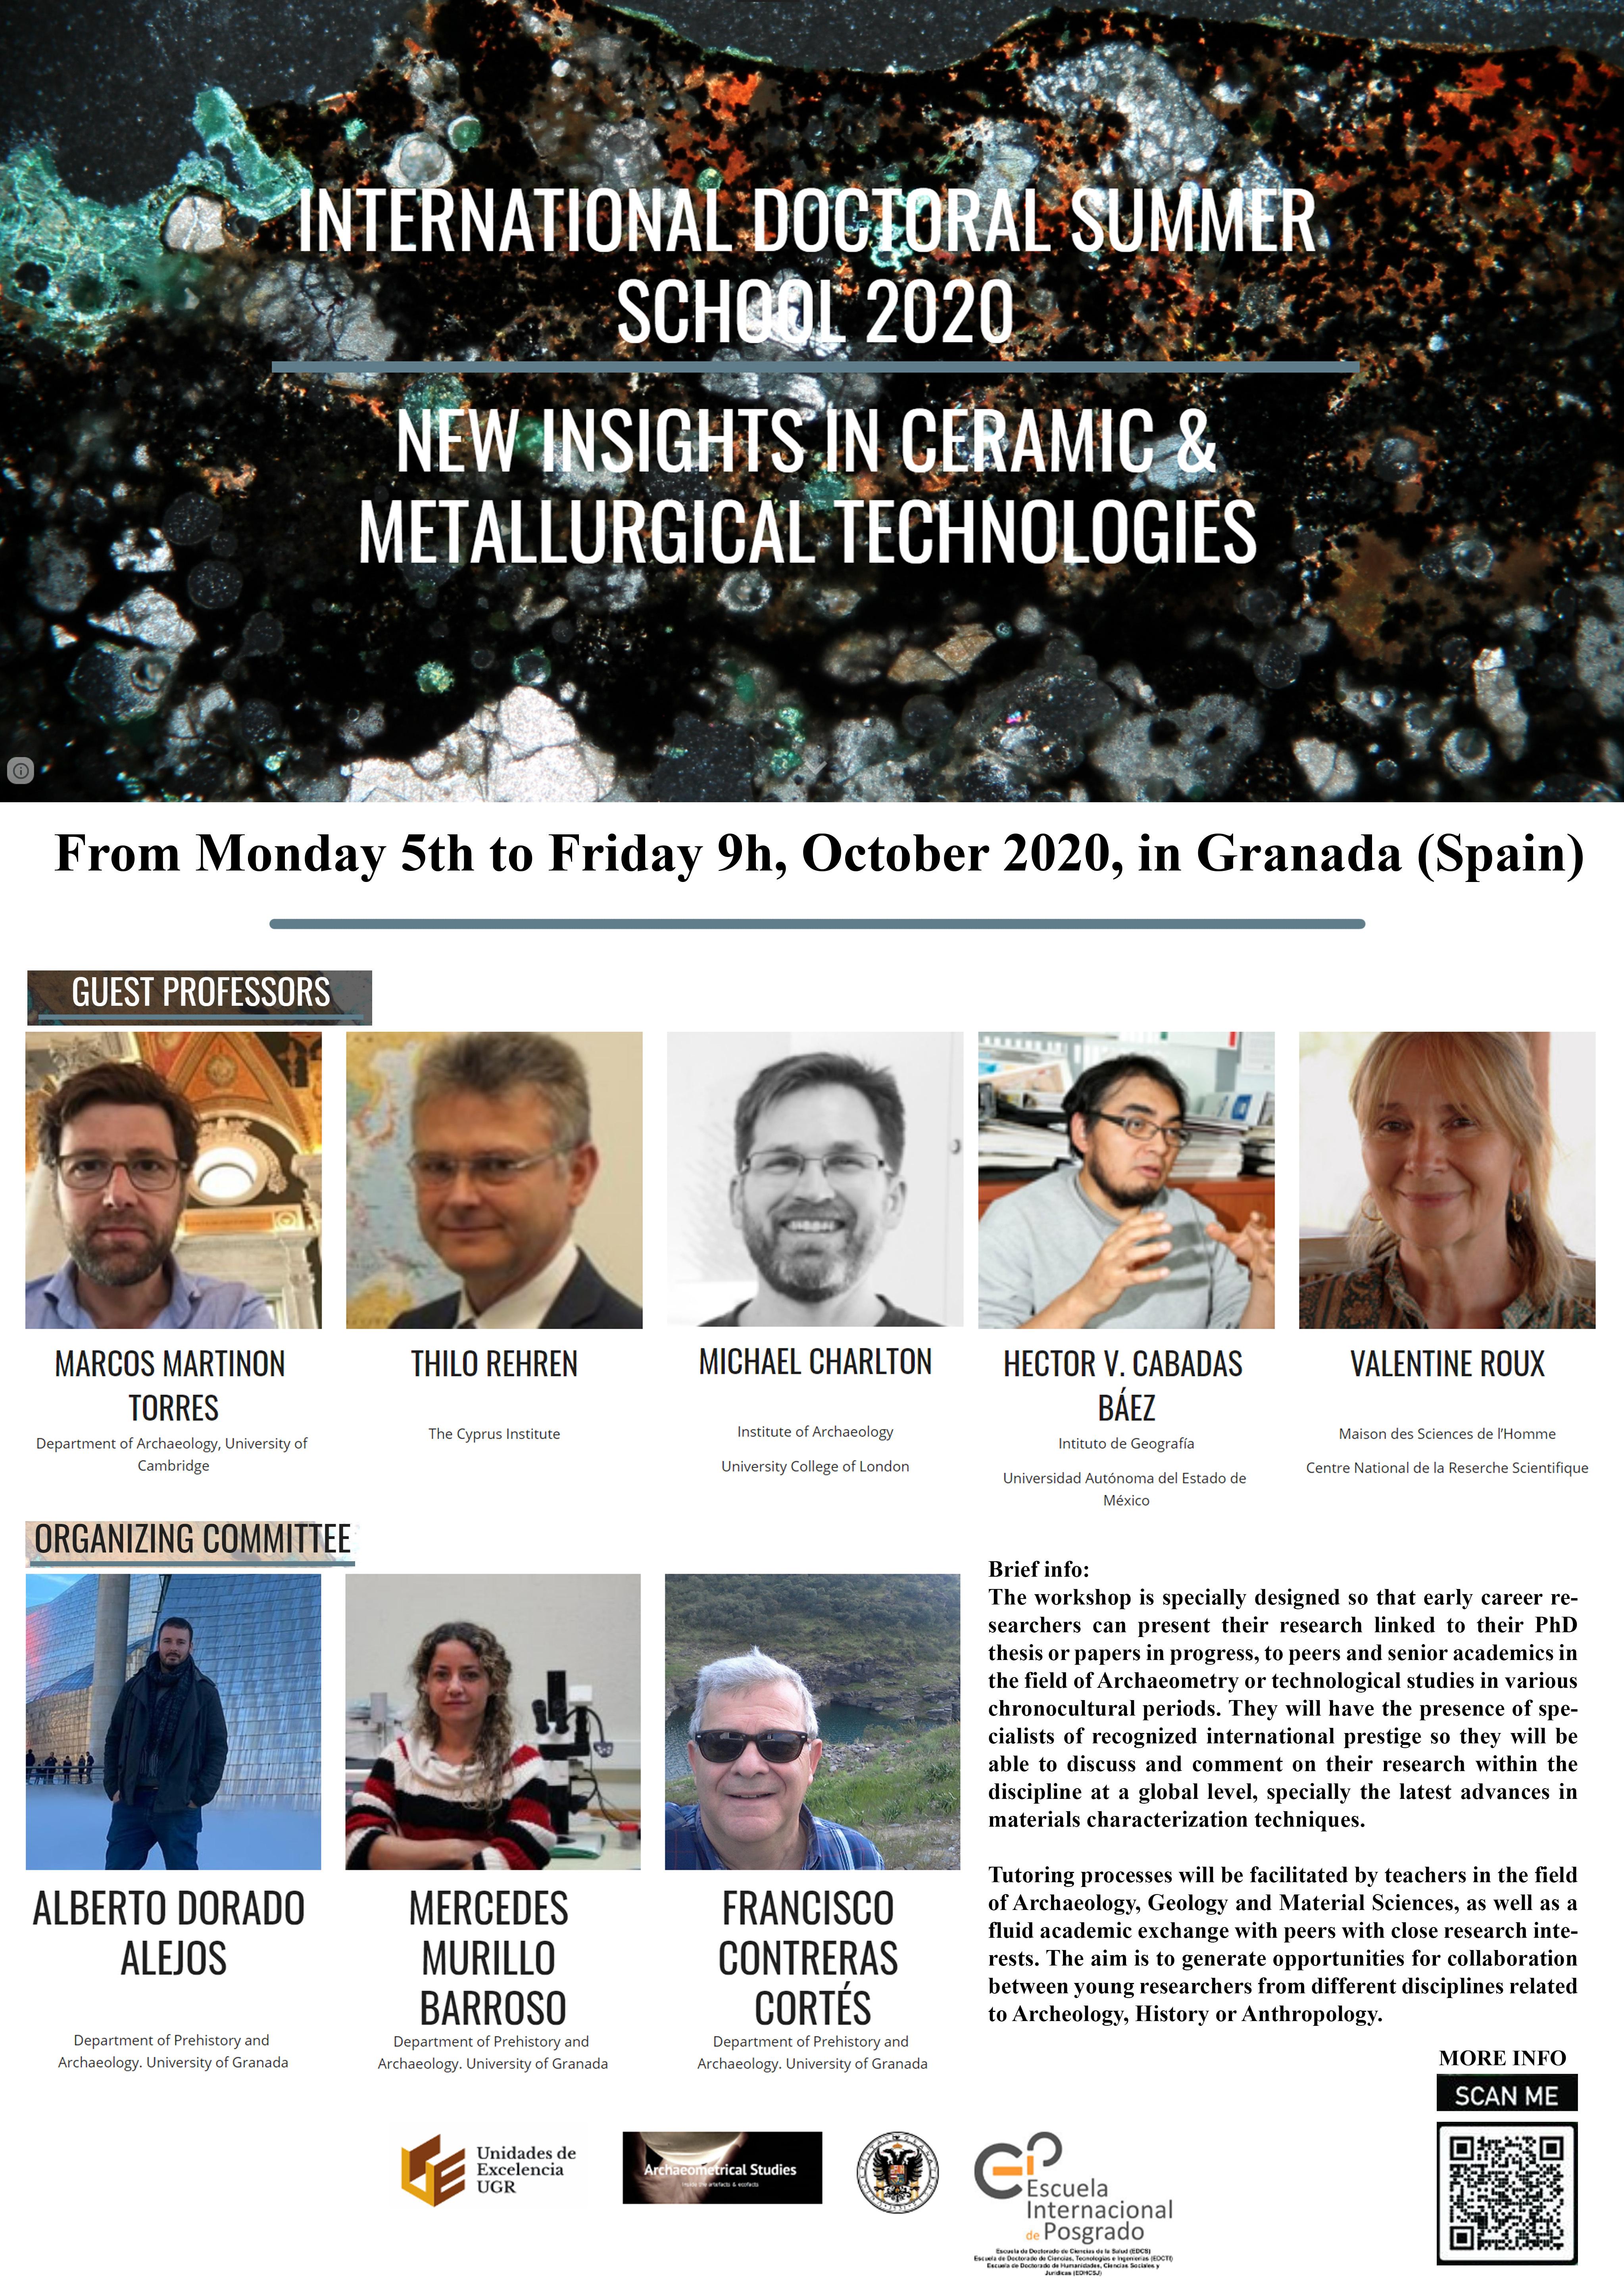 Los mayores expertos del mundo en estudios tecnológicos sobre cerámica y metalurgia en Arqueología participan en la International Doctoral Summer School 2020 de la UGR